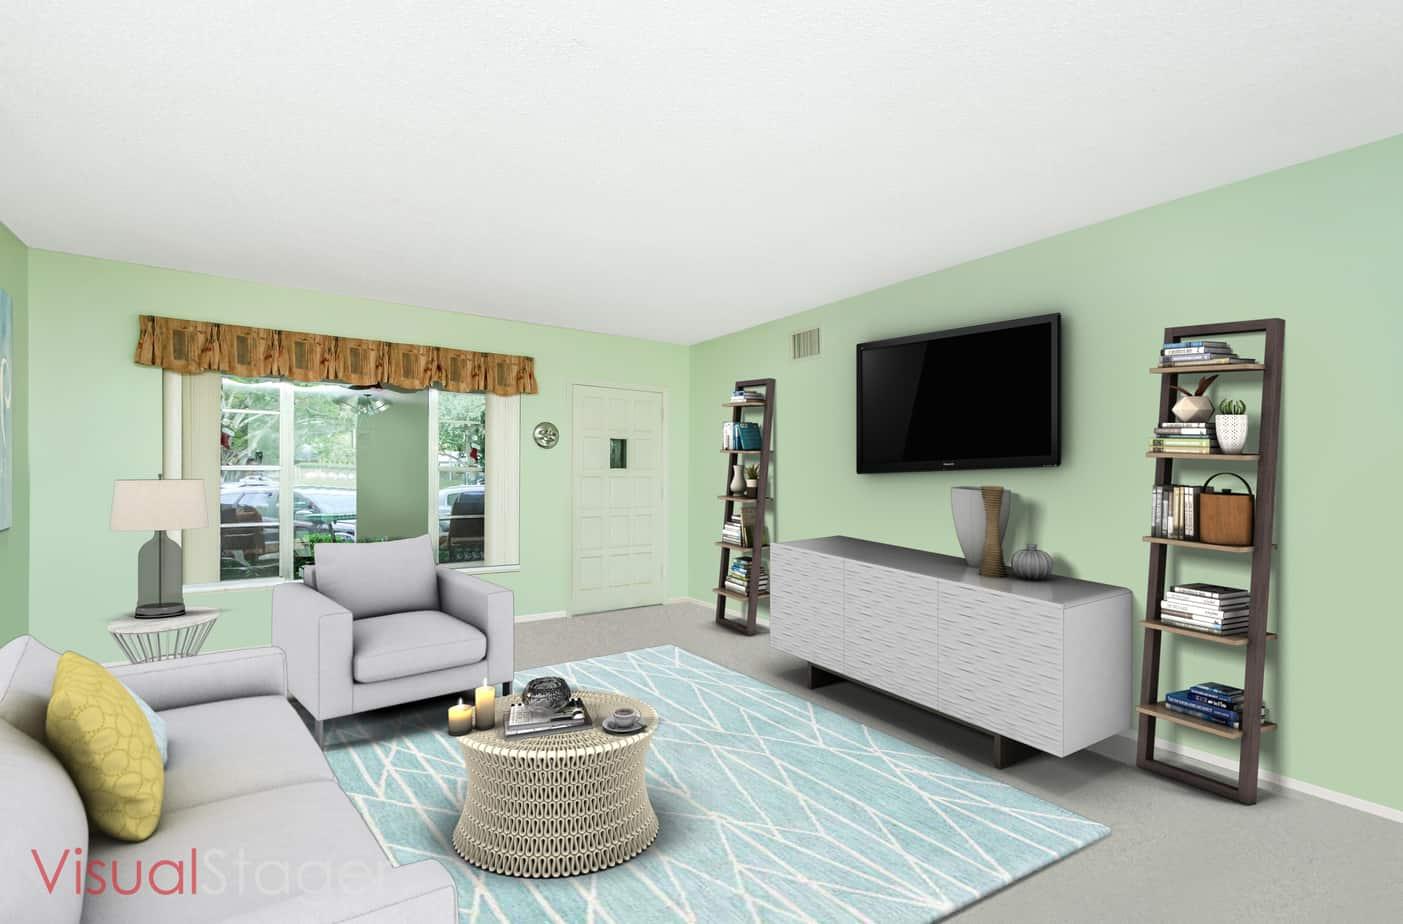 6252-Living Room4-scene